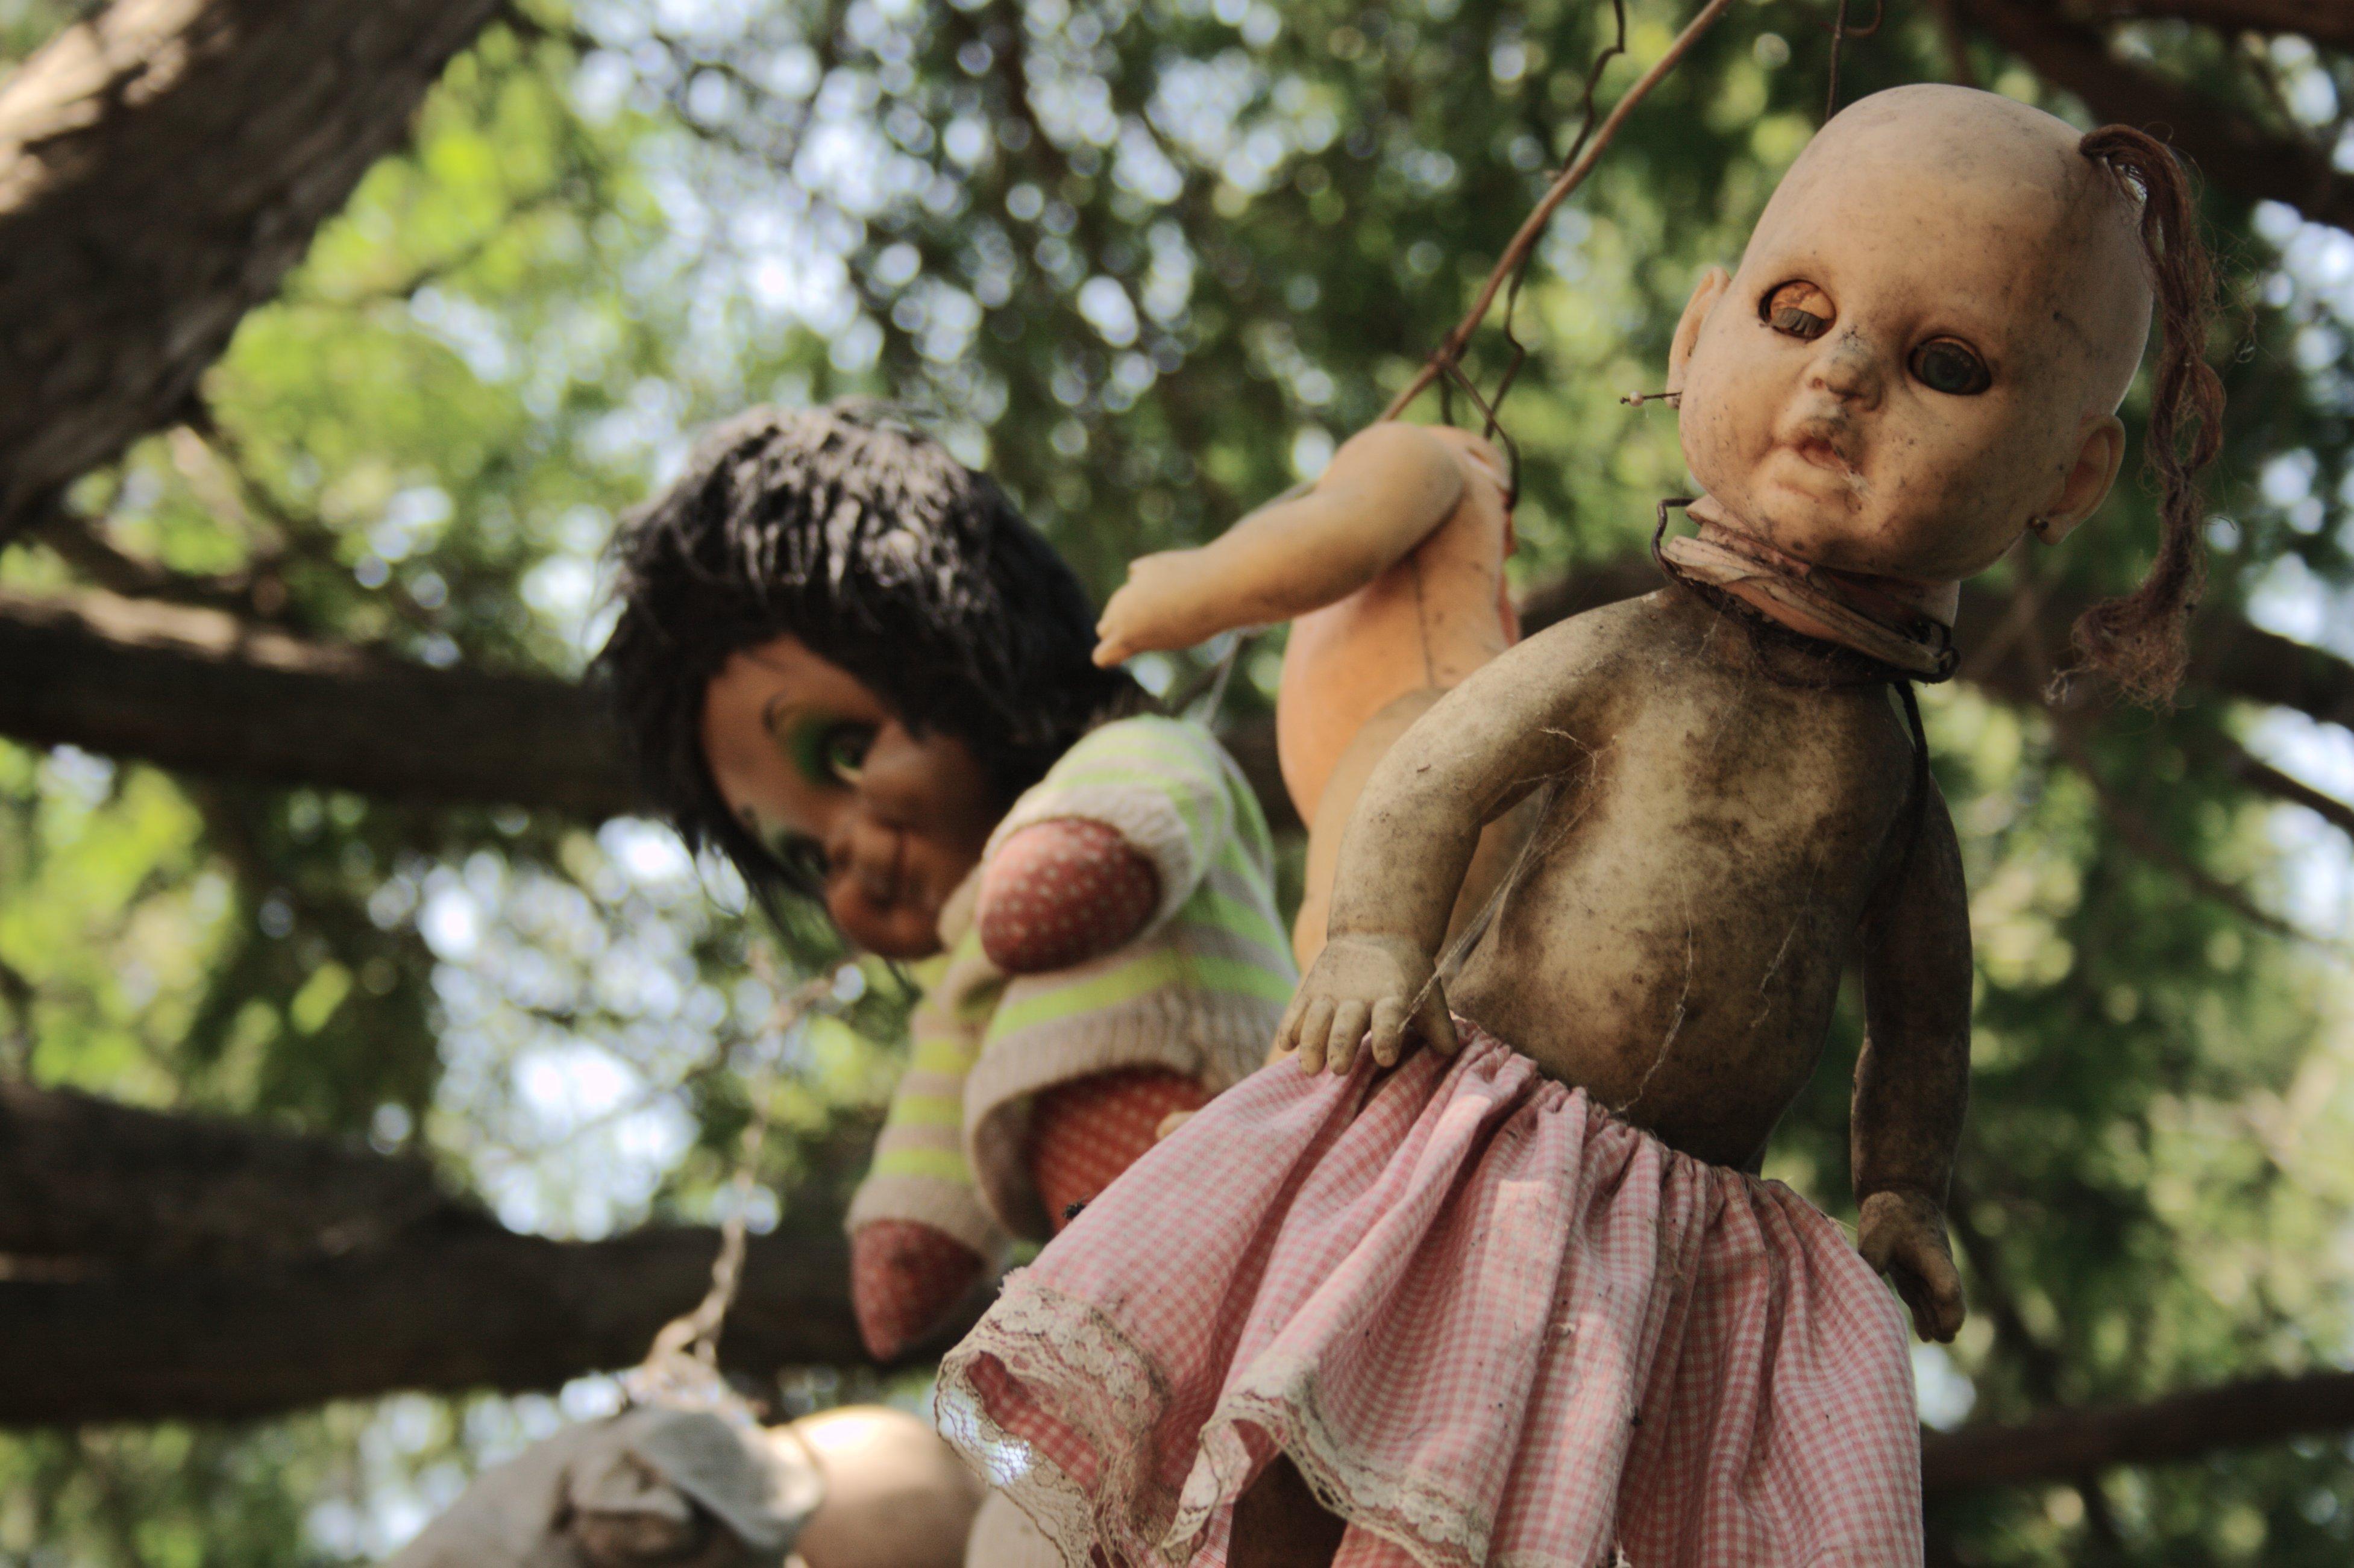 诡异的墨西哥娃娃岛;; 诡异娃娃岛;; 令人毛骨悚然的诡异娃娃岛,慎入!